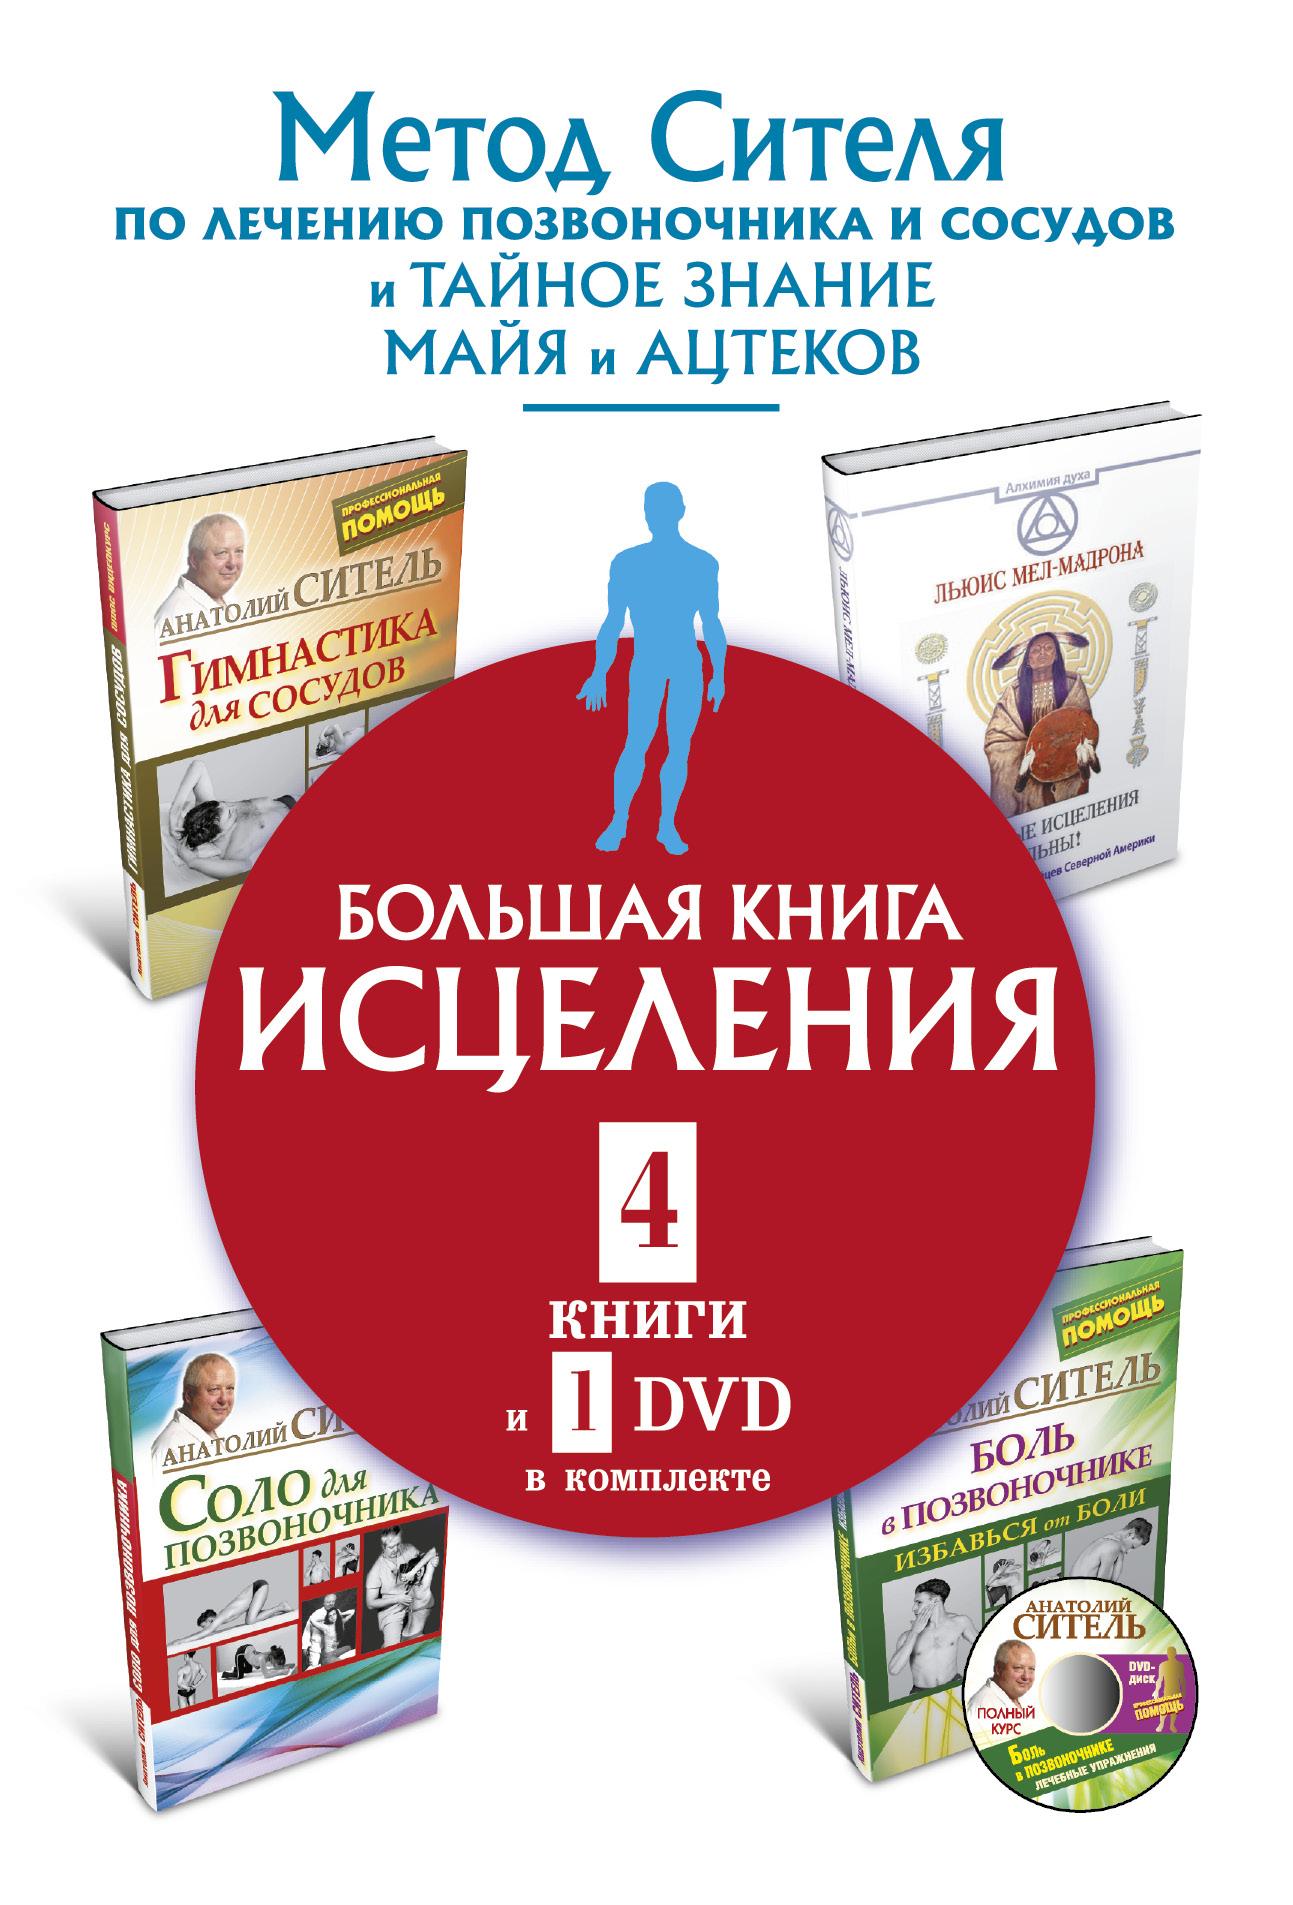 Большая книга исцеления (комплект из 4 книг + DVD)